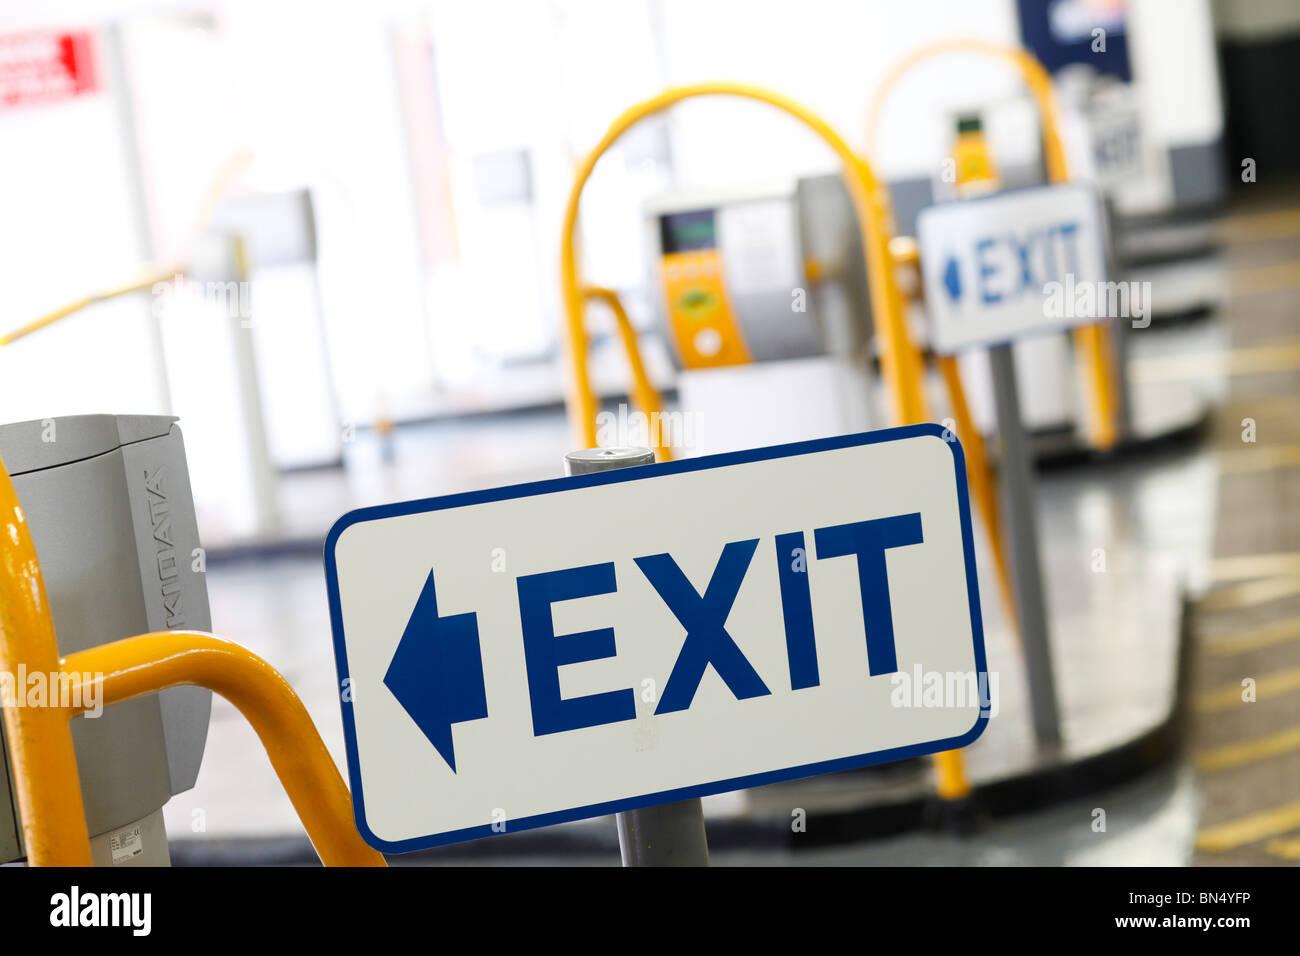 Car parking facilities, car park, exit sign - Stock Image